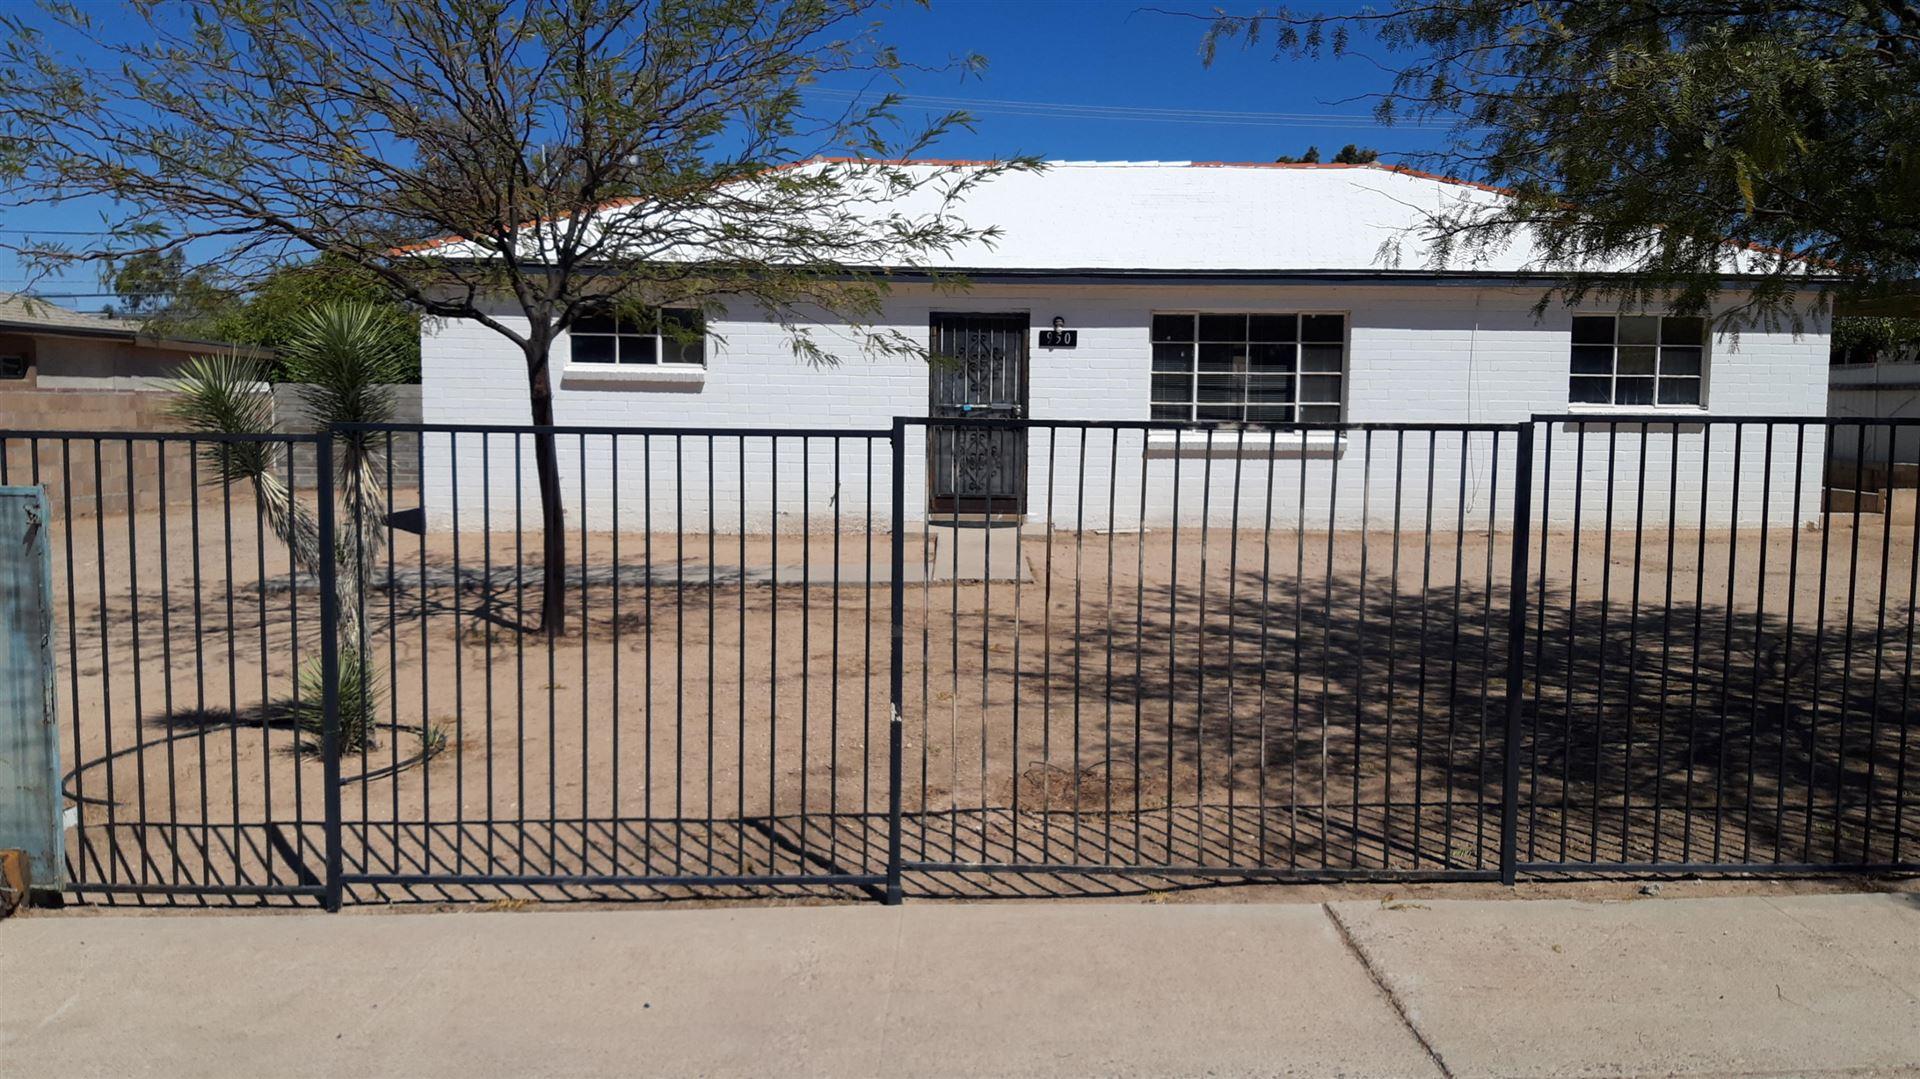 950 W Calle Milu, Tucson, AZ 85706 - MLS#: 22108279